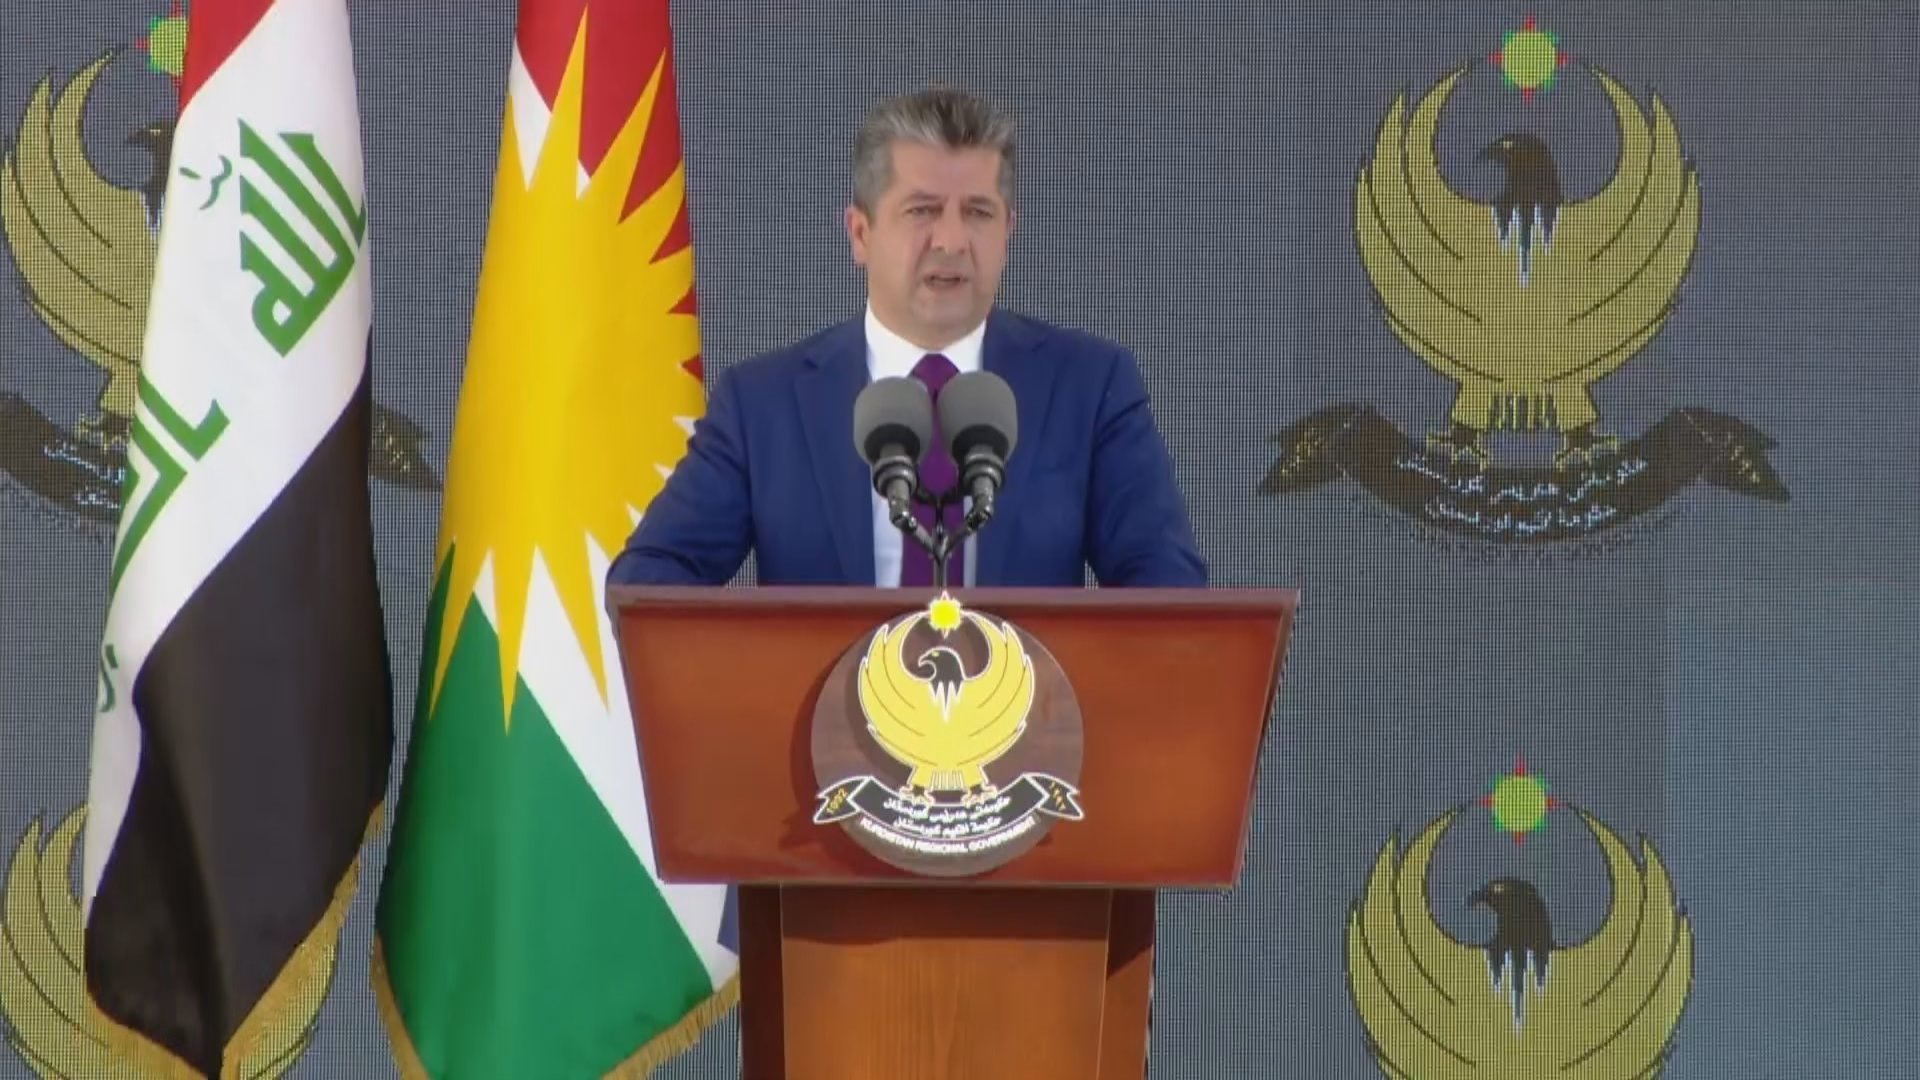 مسرور بارزاني يوجه وزير الثروات الطبيعية بزيارة بغداد بهدف تأمين المحروقات